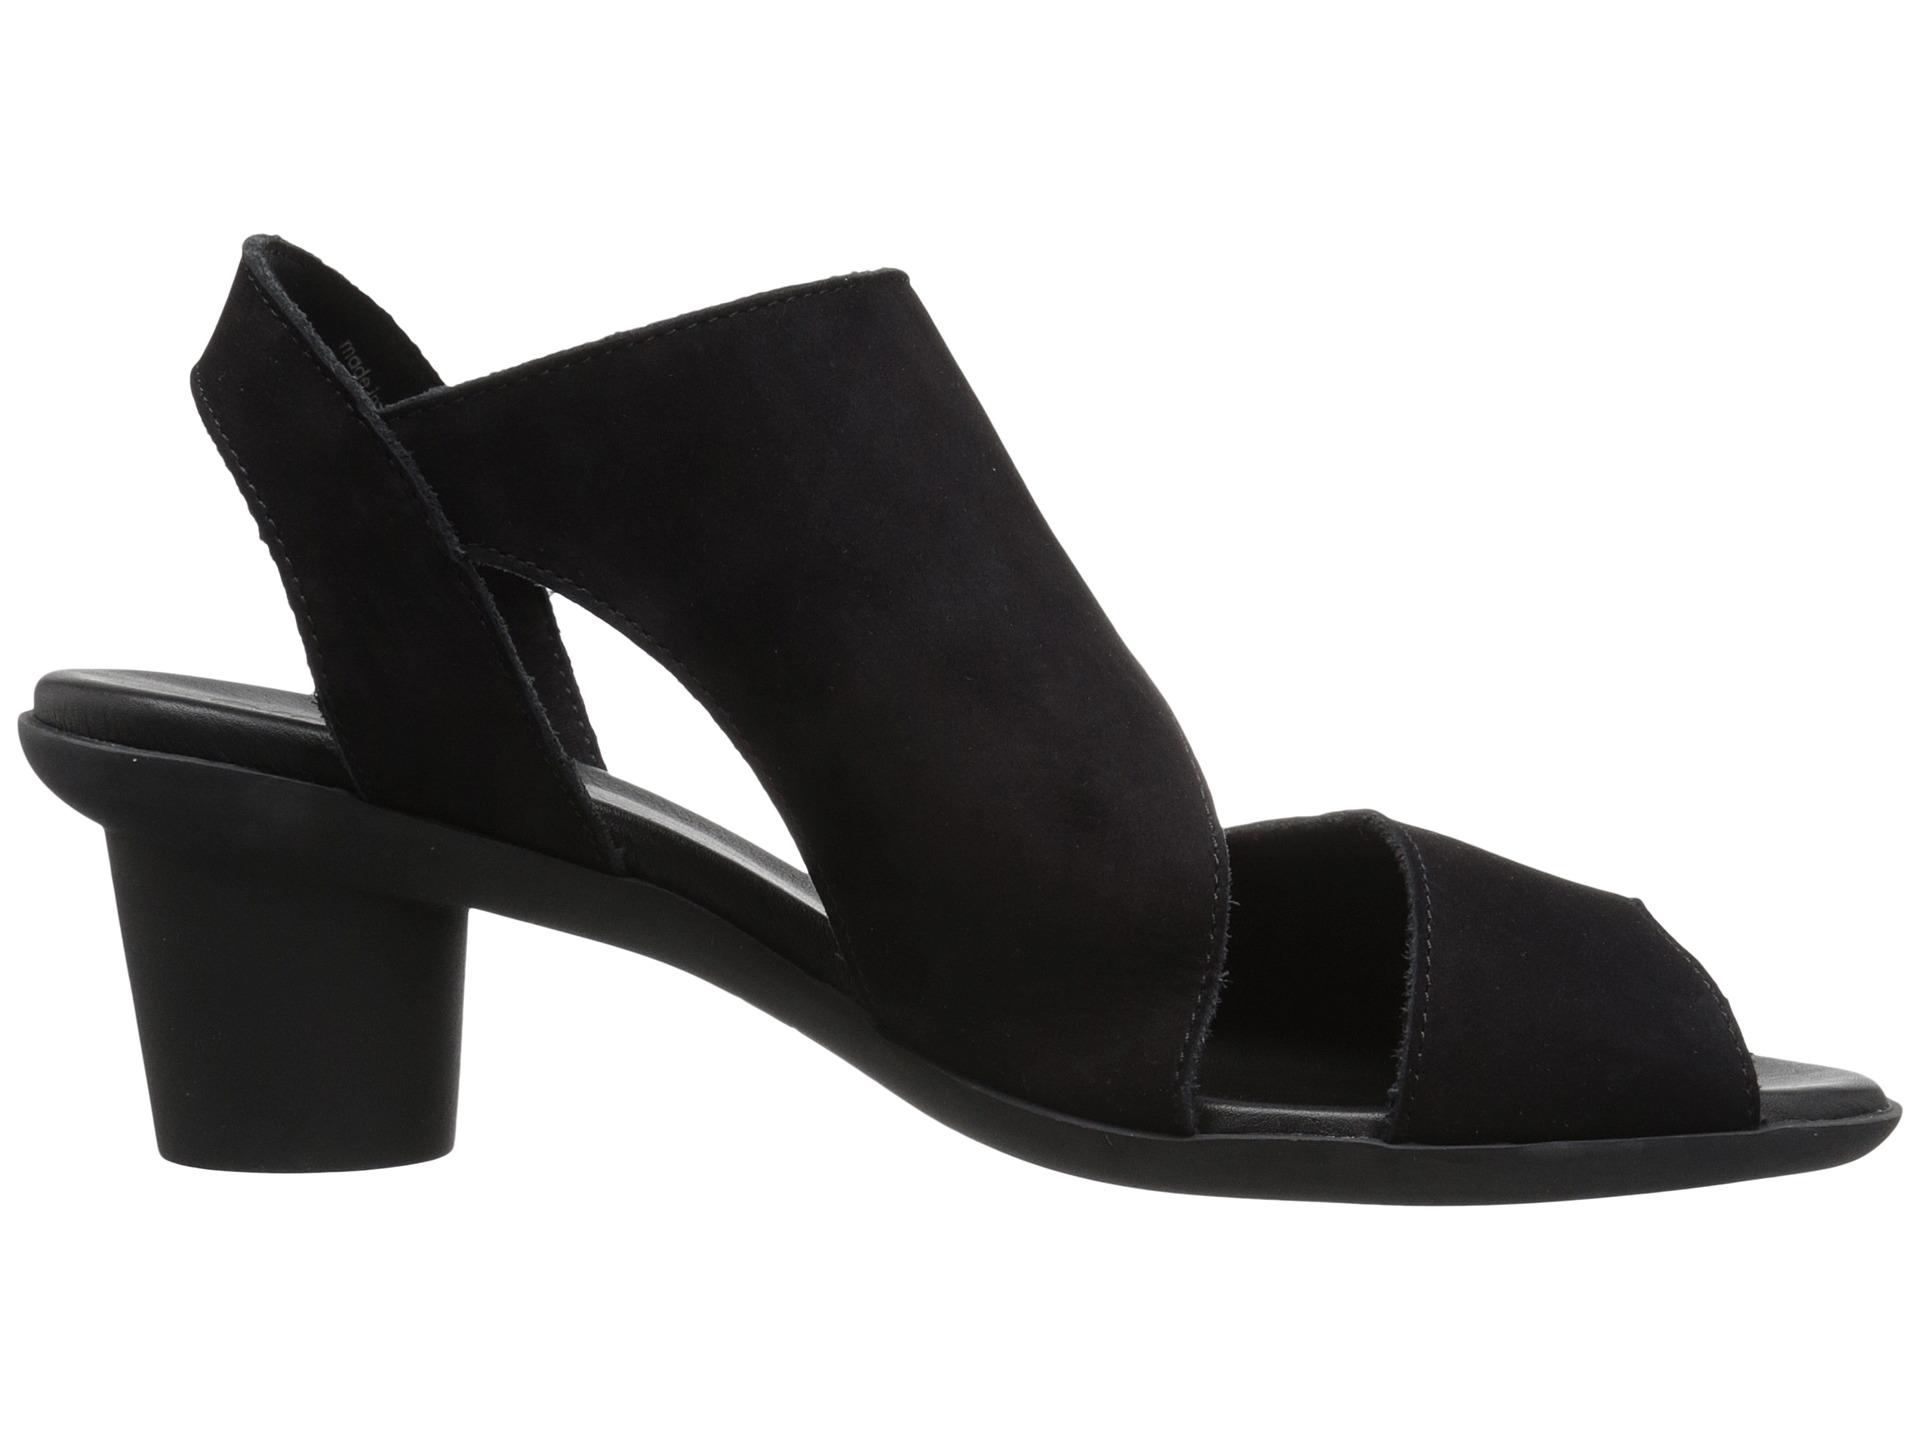 Arche Shoes Size Chart